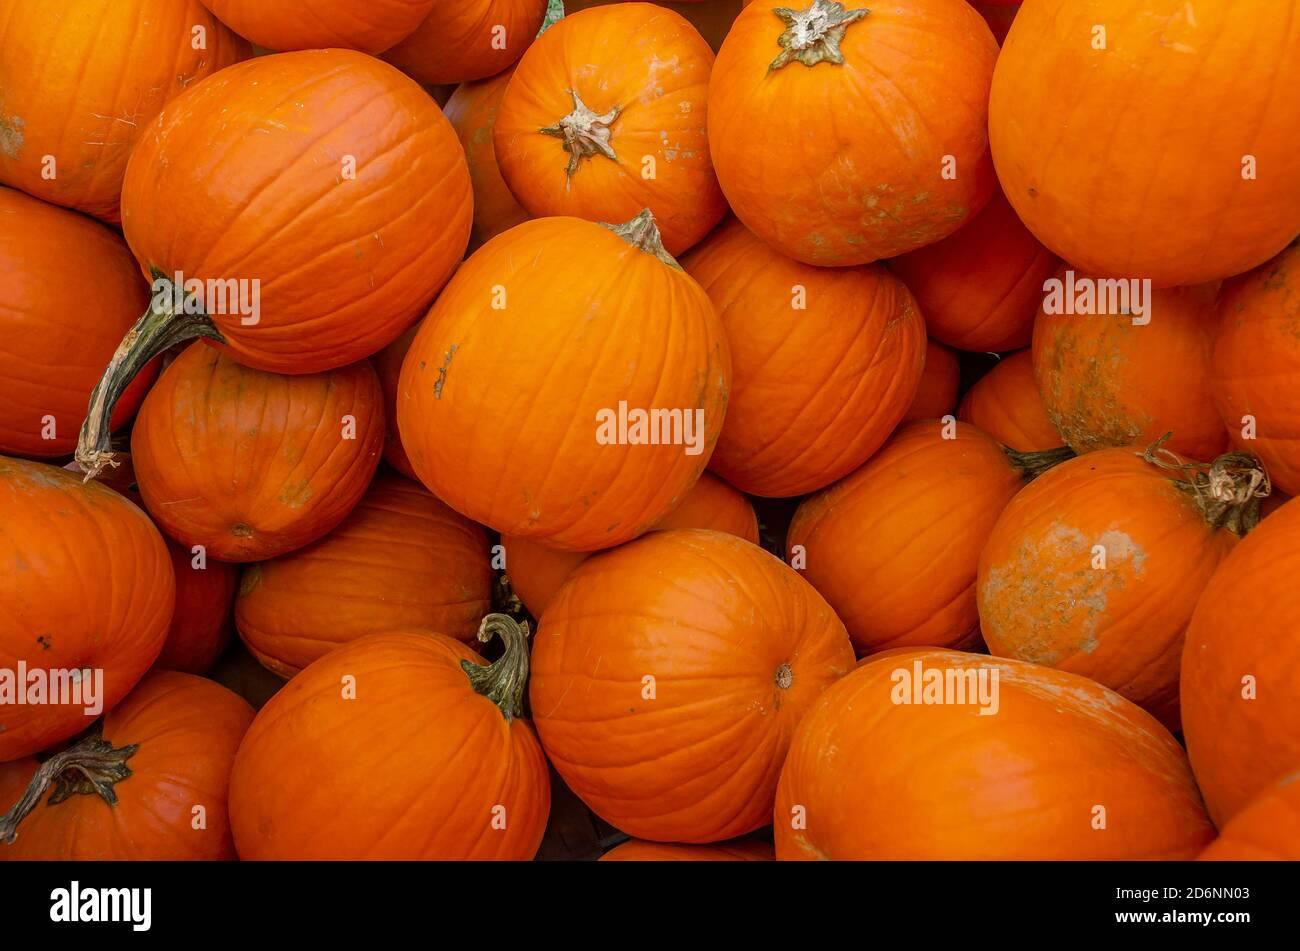 Pumpkins se exhibe en McKenzie Farm Market, 17 de octubre de 2020, en Fairhope, Alabama. Foto de stock